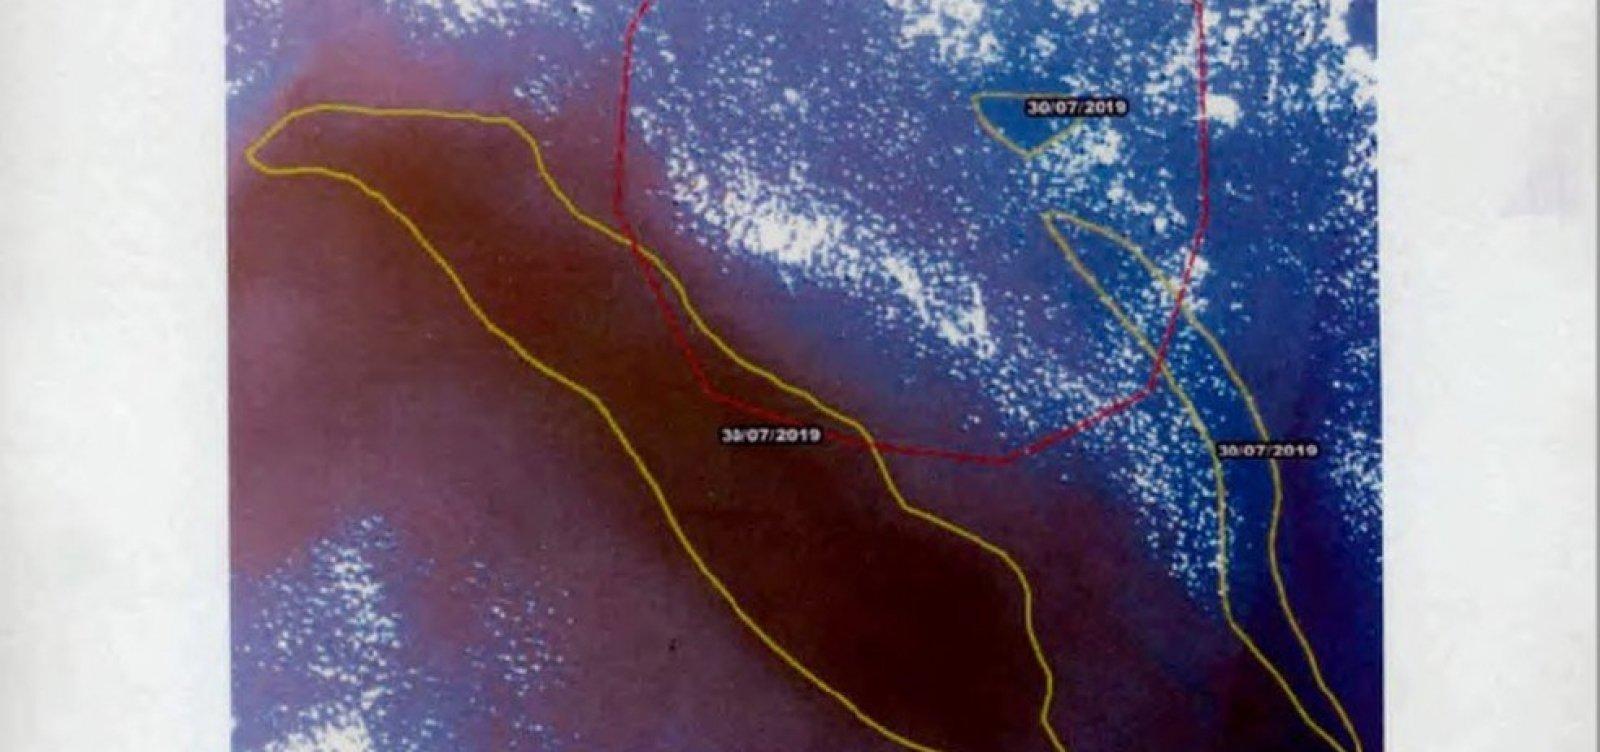 Parecer do Ibama diz que satélites 'não têm condições' de apontar manchas de óleo no oceano